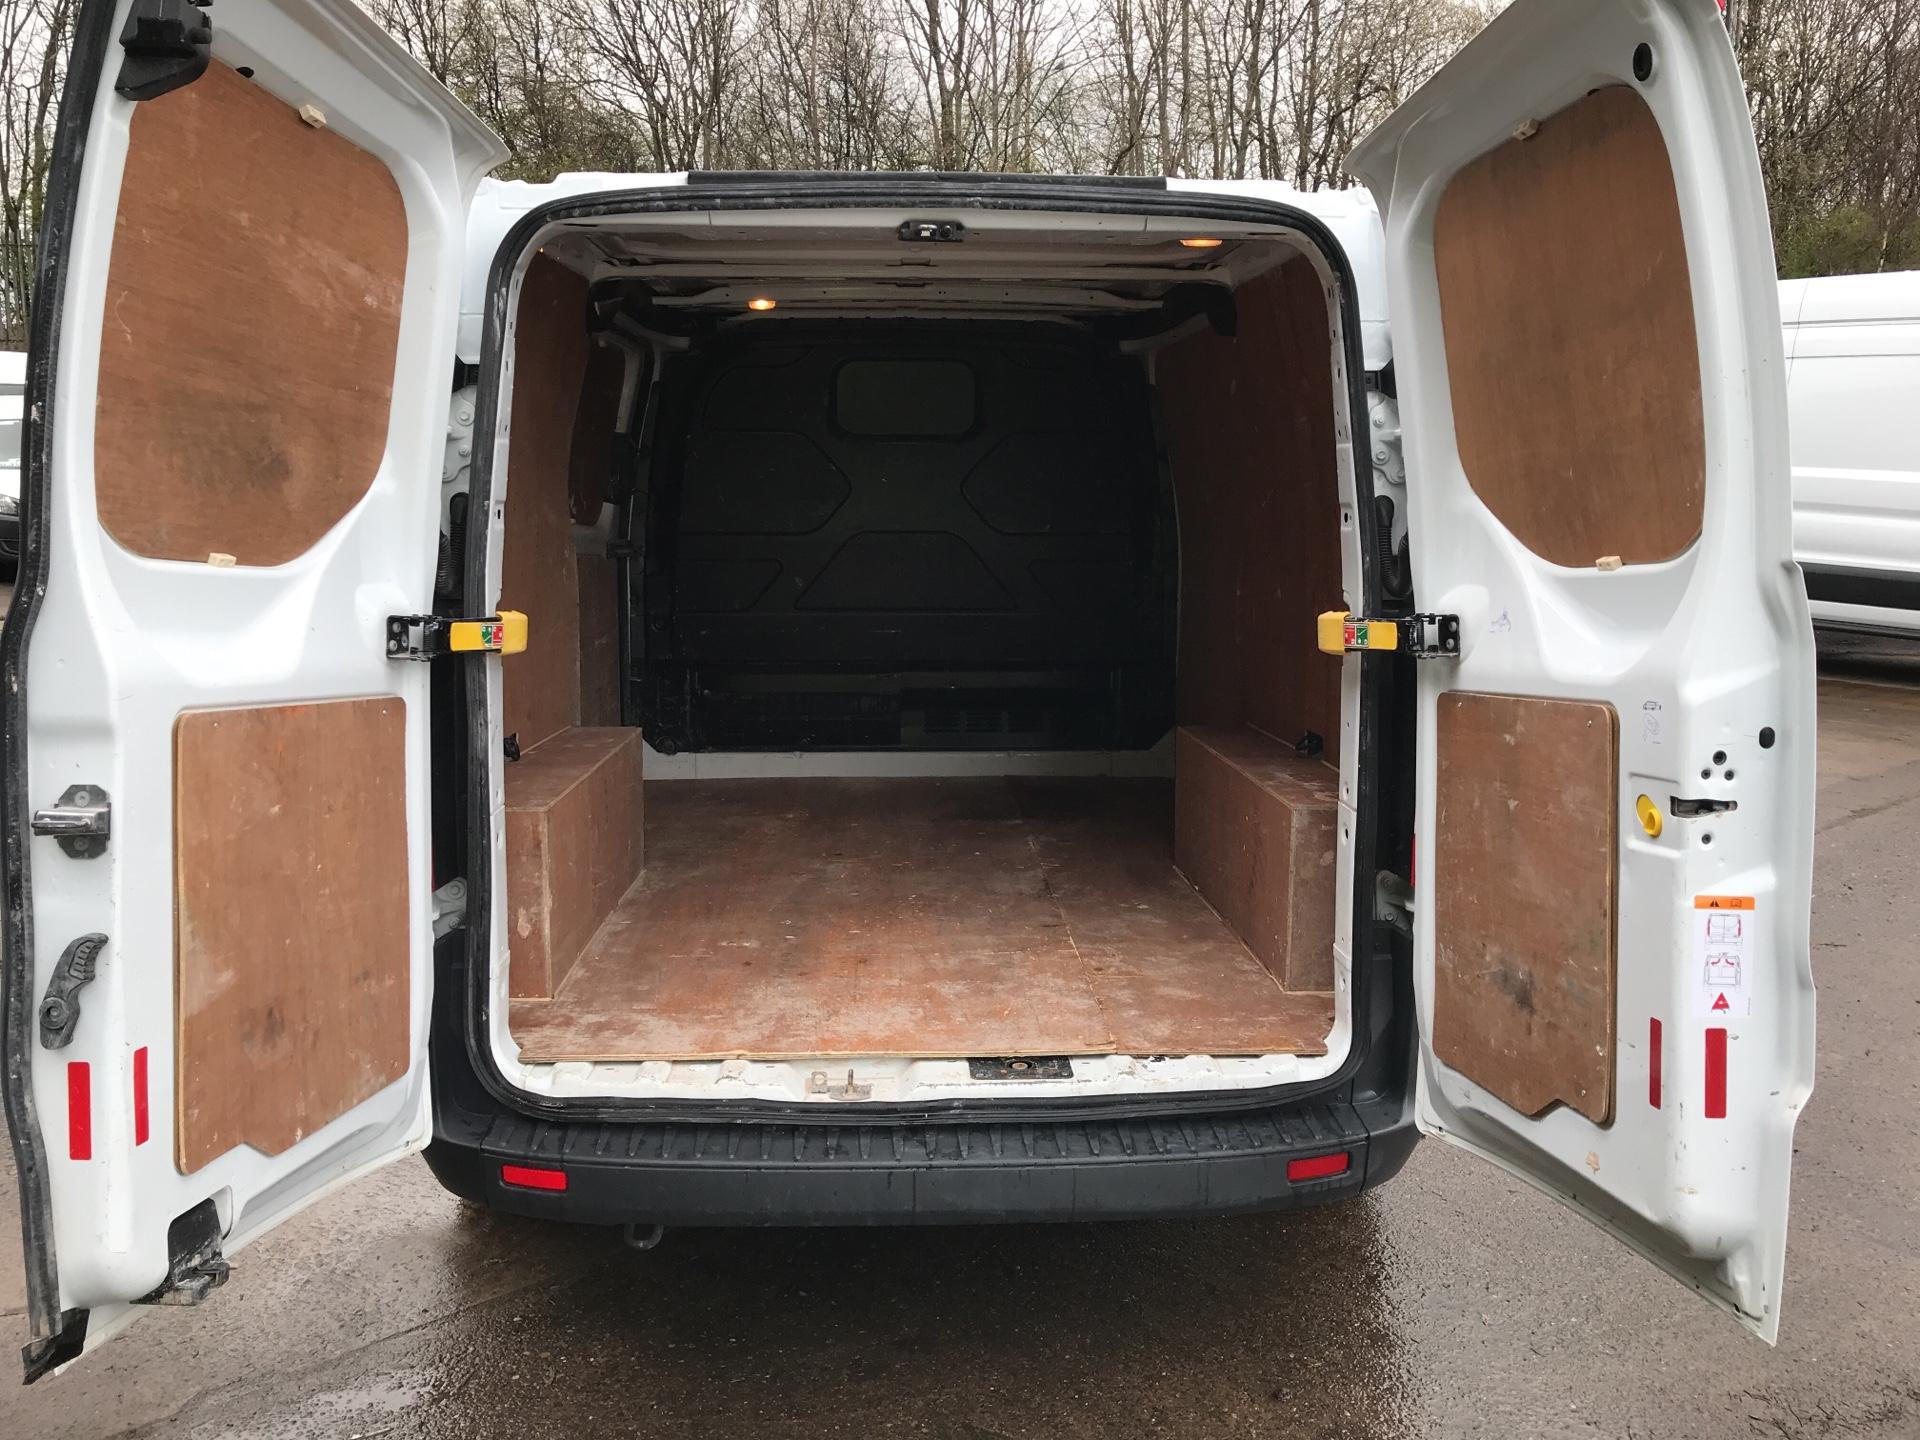 2017 Ford Transit Custom 290 L1 DIESEL FWD 2.0 TDCI 105PS LOW ROOF VAN EURO 6 (FL17VMF) Image 20